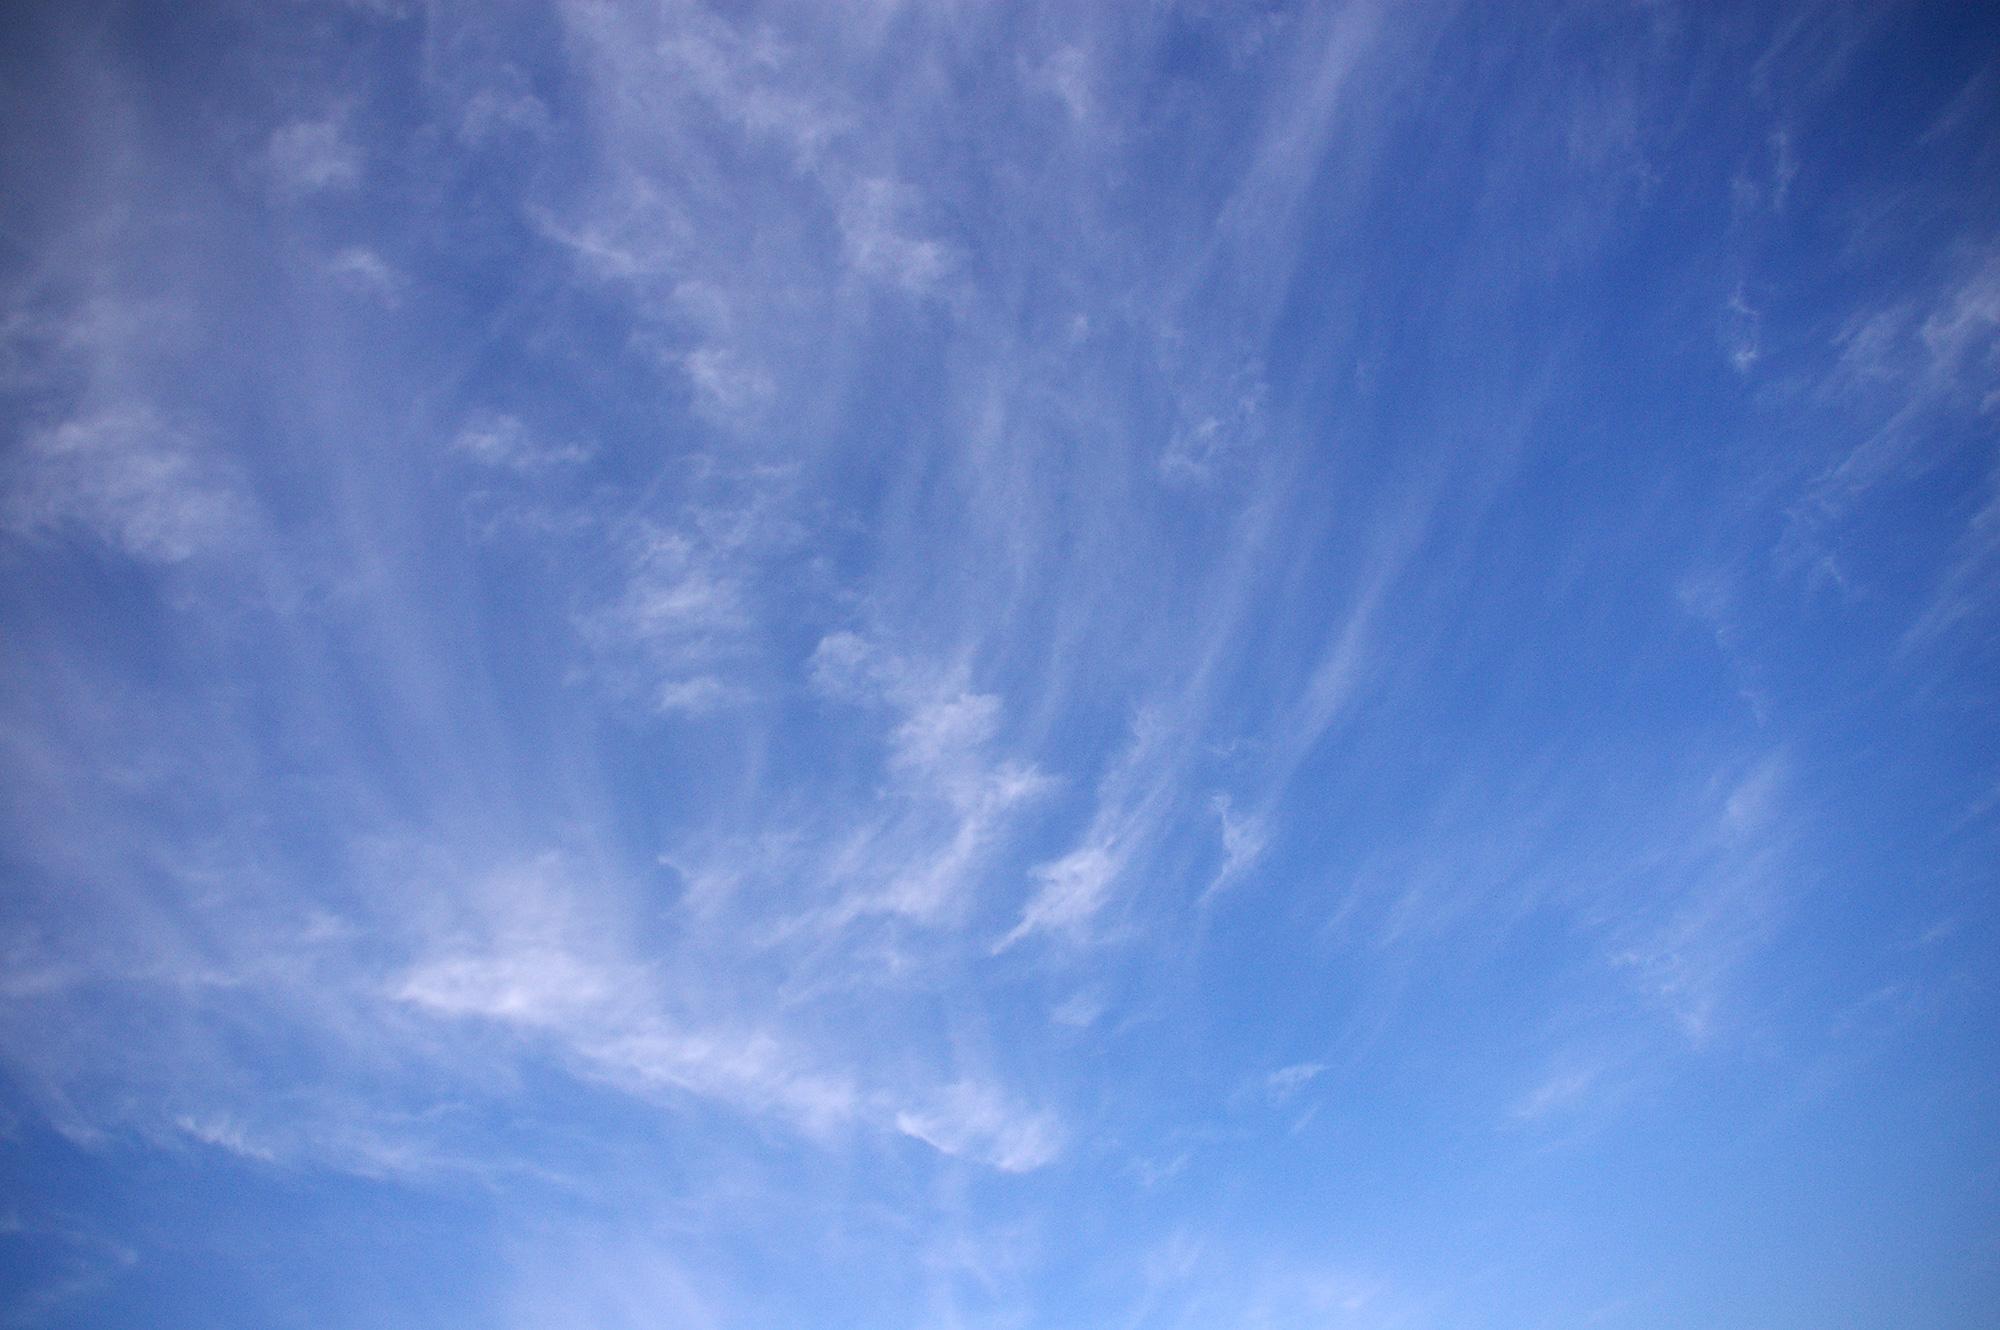 青空に薄い雲の無料画像素材